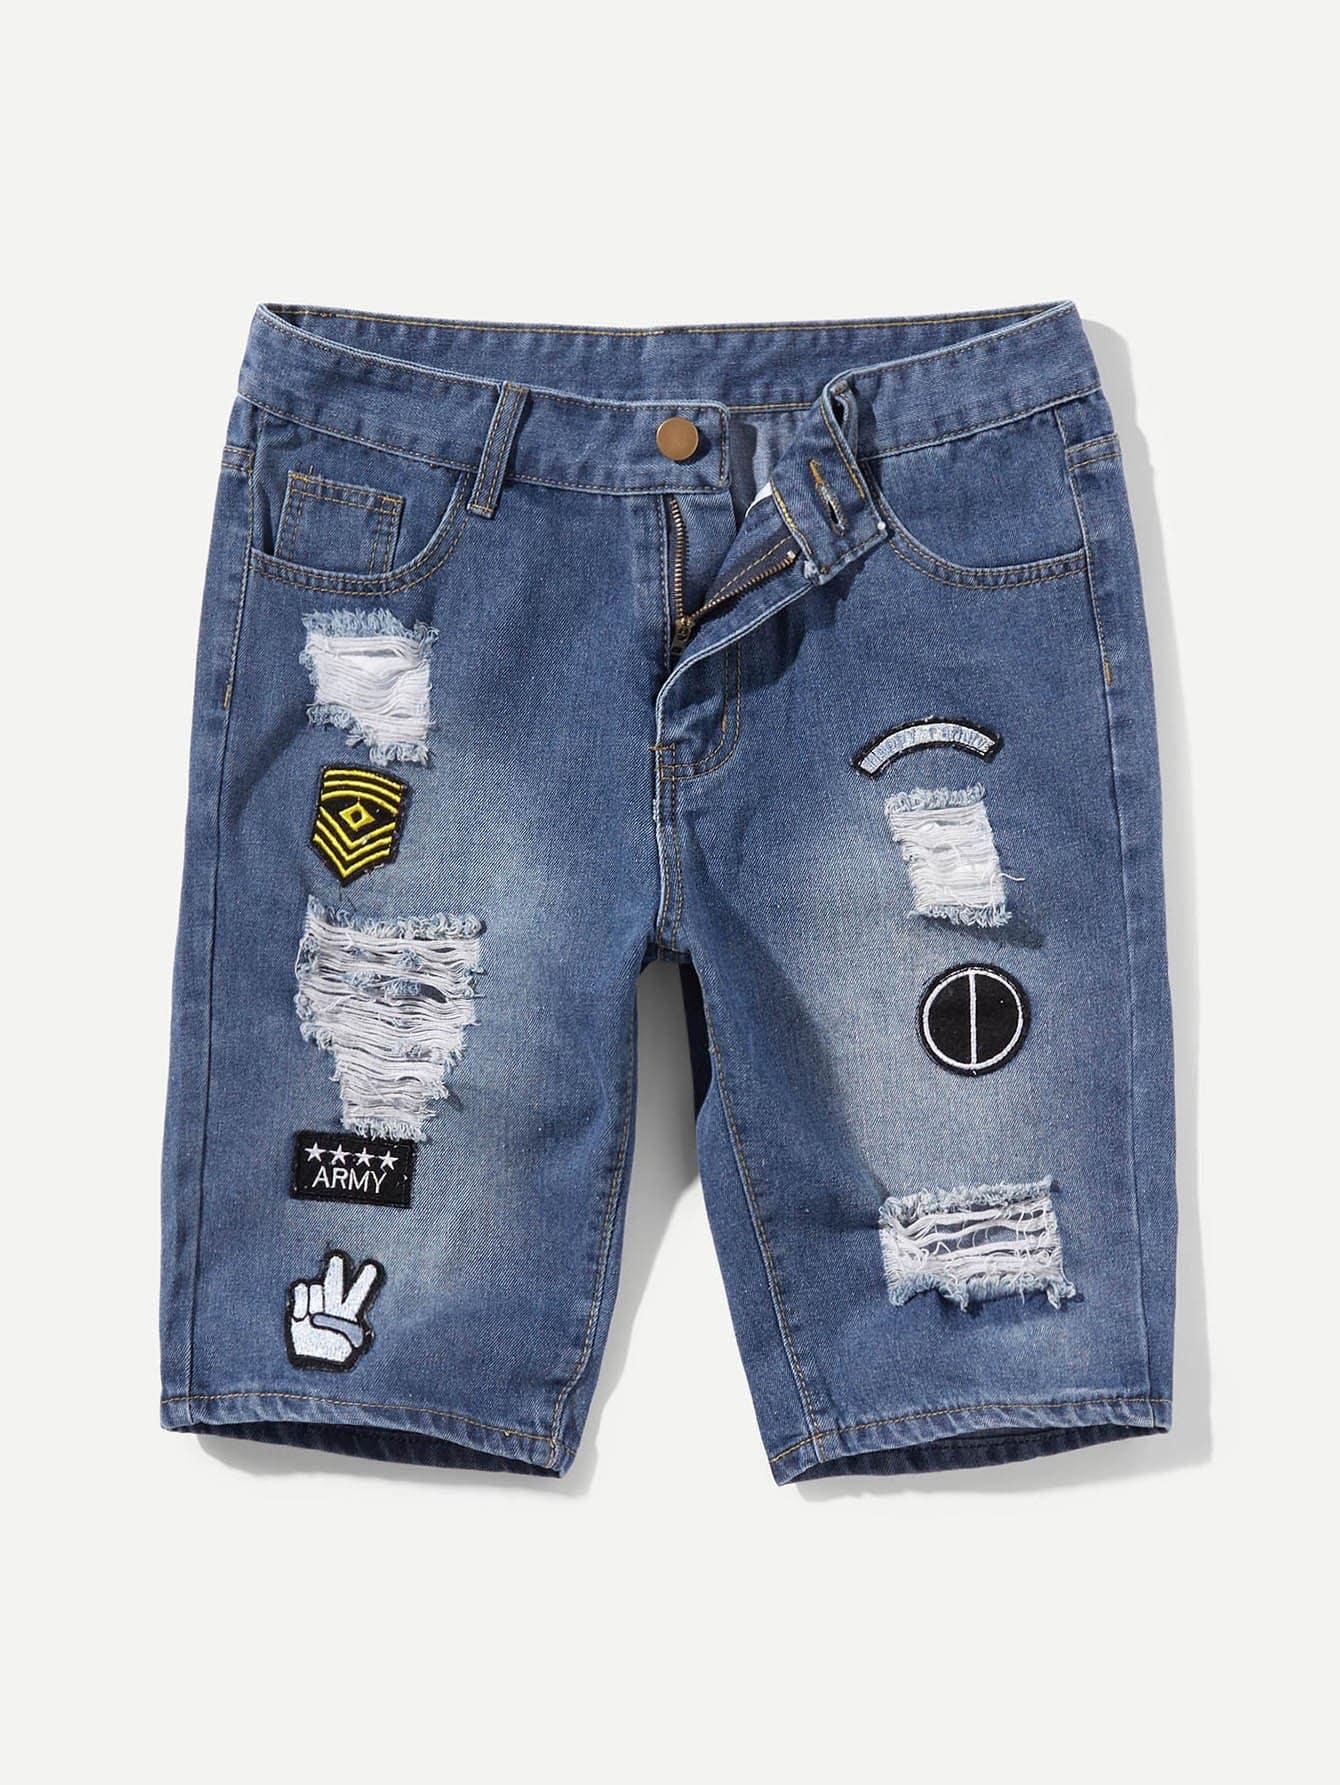 Купить Джинсовые шорты и с украшением заплаты для мужчины, null, SheIn